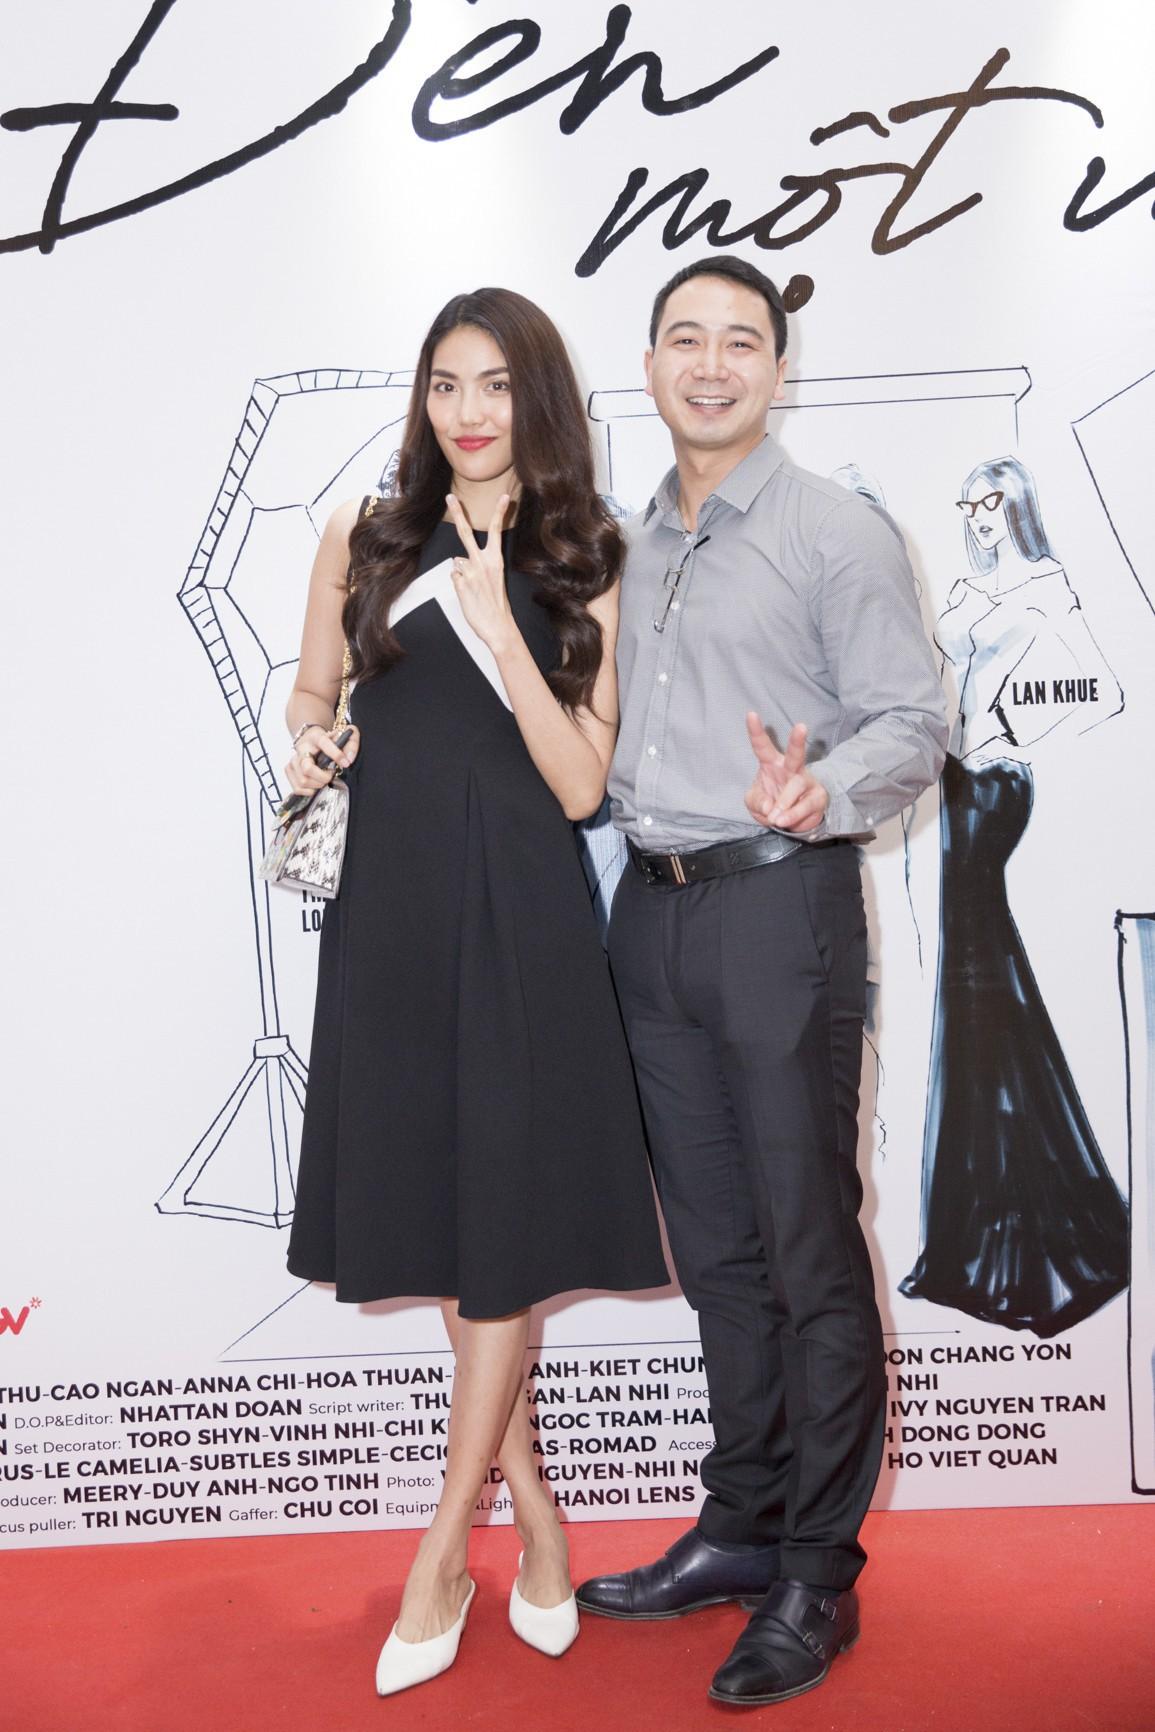 Sắp lên xe hoa cùng chồng doanh nhân, thế nhưng Lan Khuê vẫn tiết kiệm diện lại bộ đầm đã mặc từ 3 năm trước  - Ảnh 1.